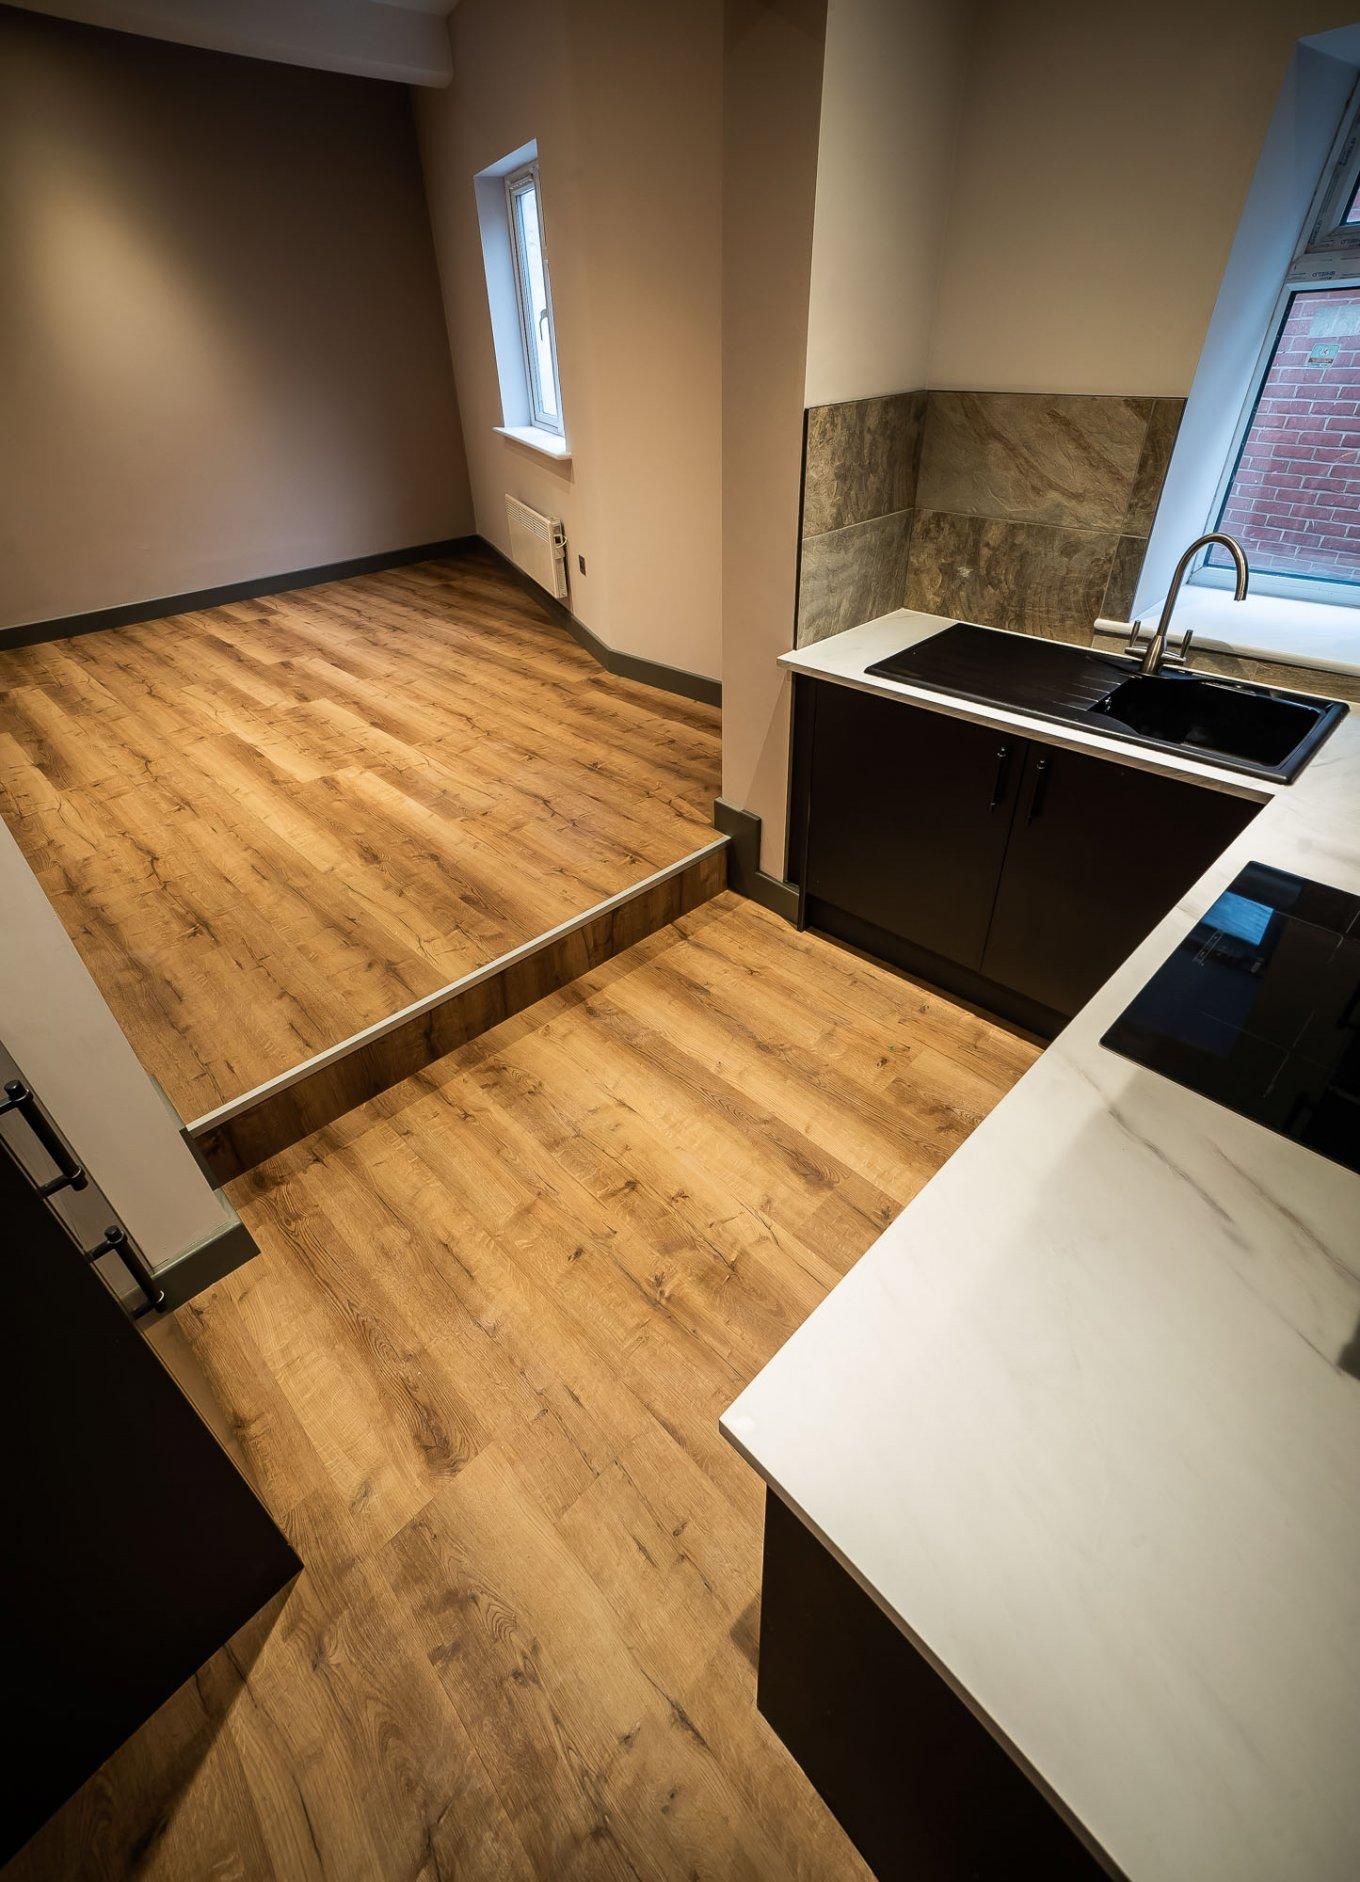 wineo Designboden Küche rustikale Holzoptik moderne Einrichtung